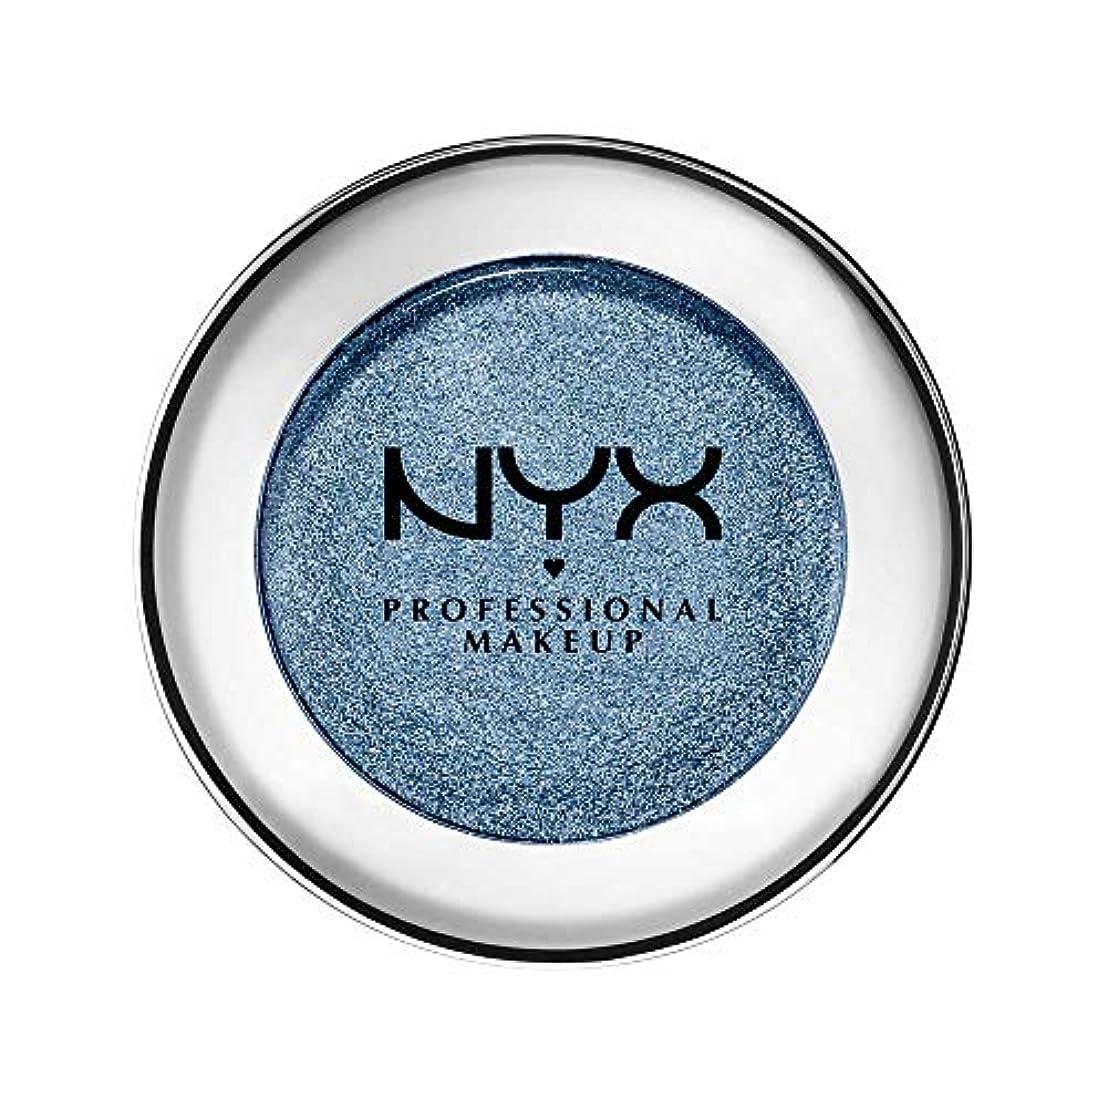 一般的に言えば竜巻かなりのNYX(ニックス) プリズマ シャドウ 08 カラーブルー ジーンズ